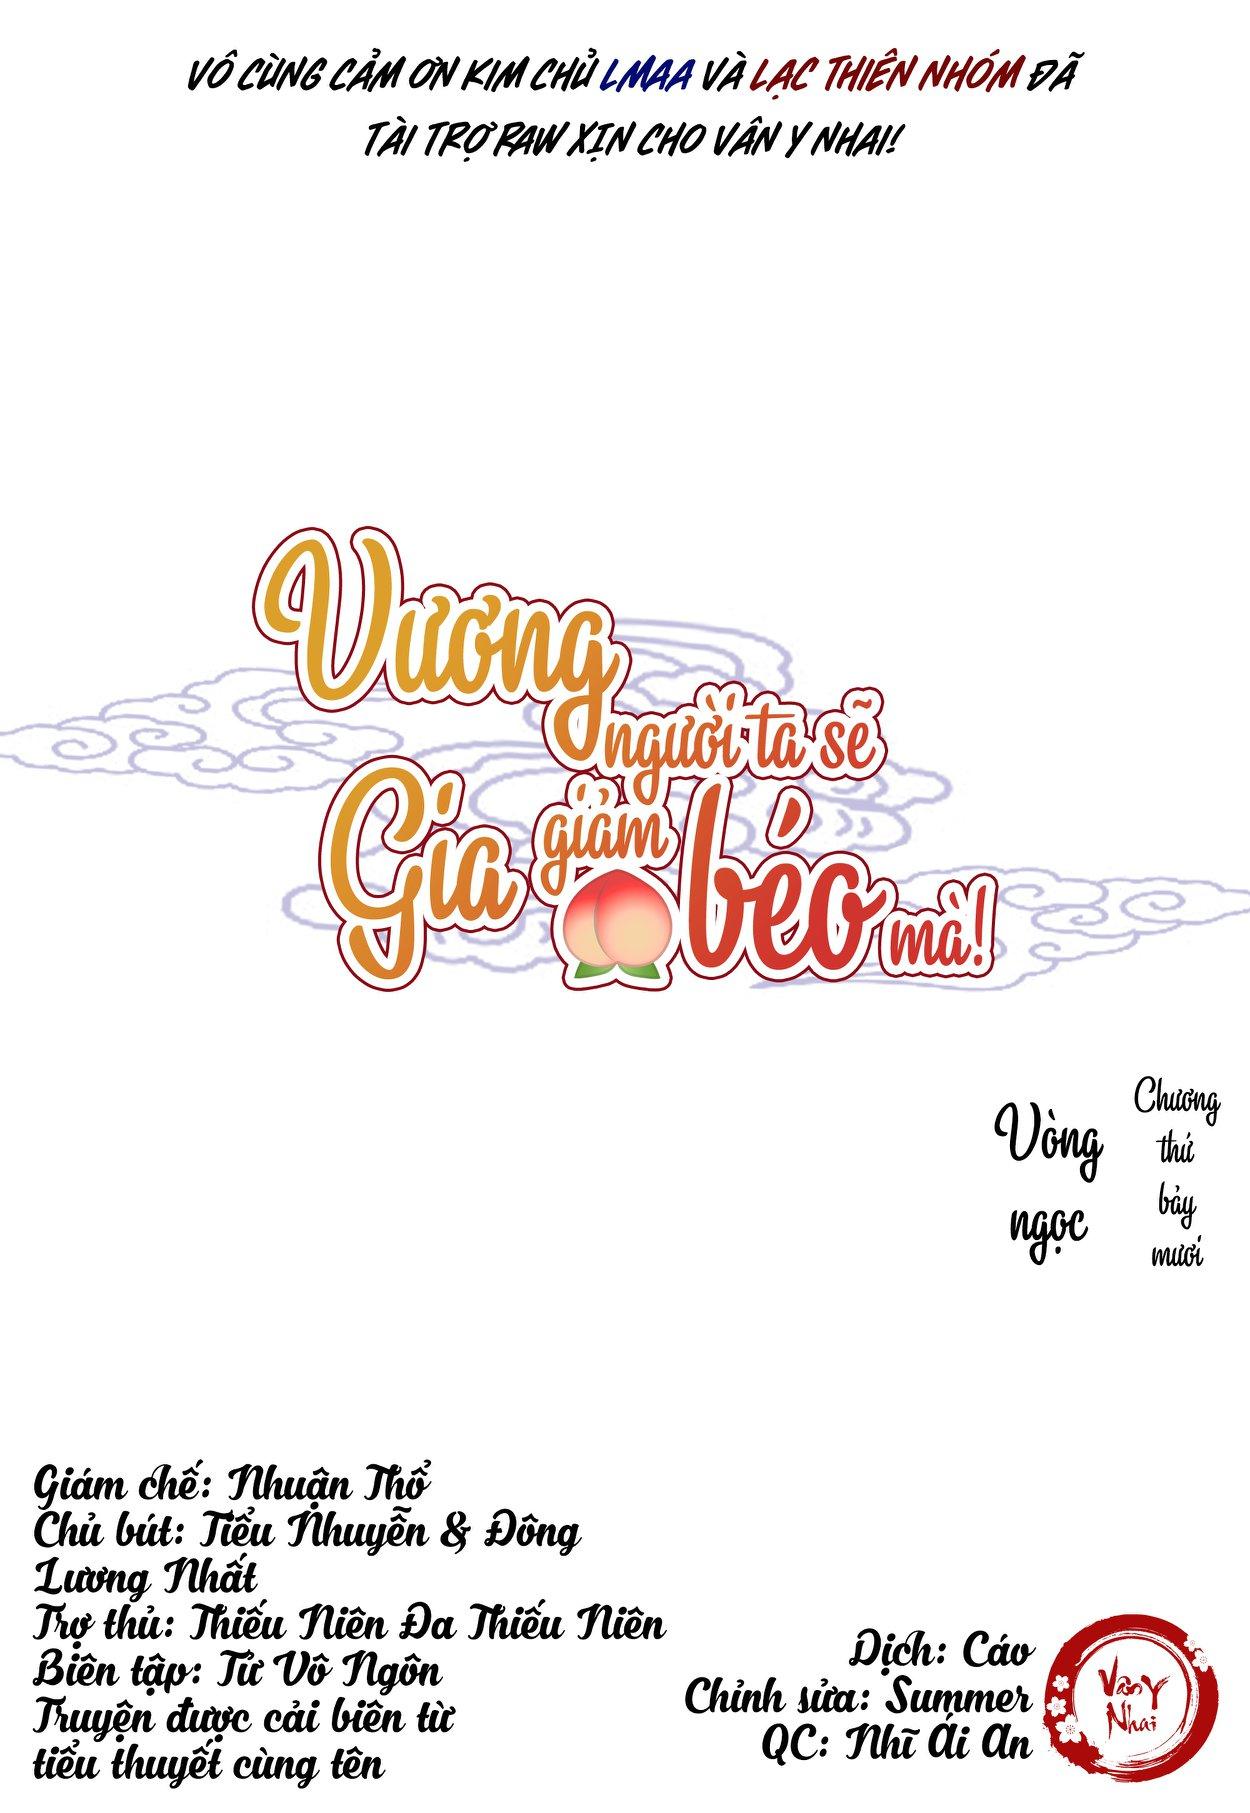 Vương Gia Người Ta Sẽ Giảm Béo Mà!!! chap 70 - Trang 2